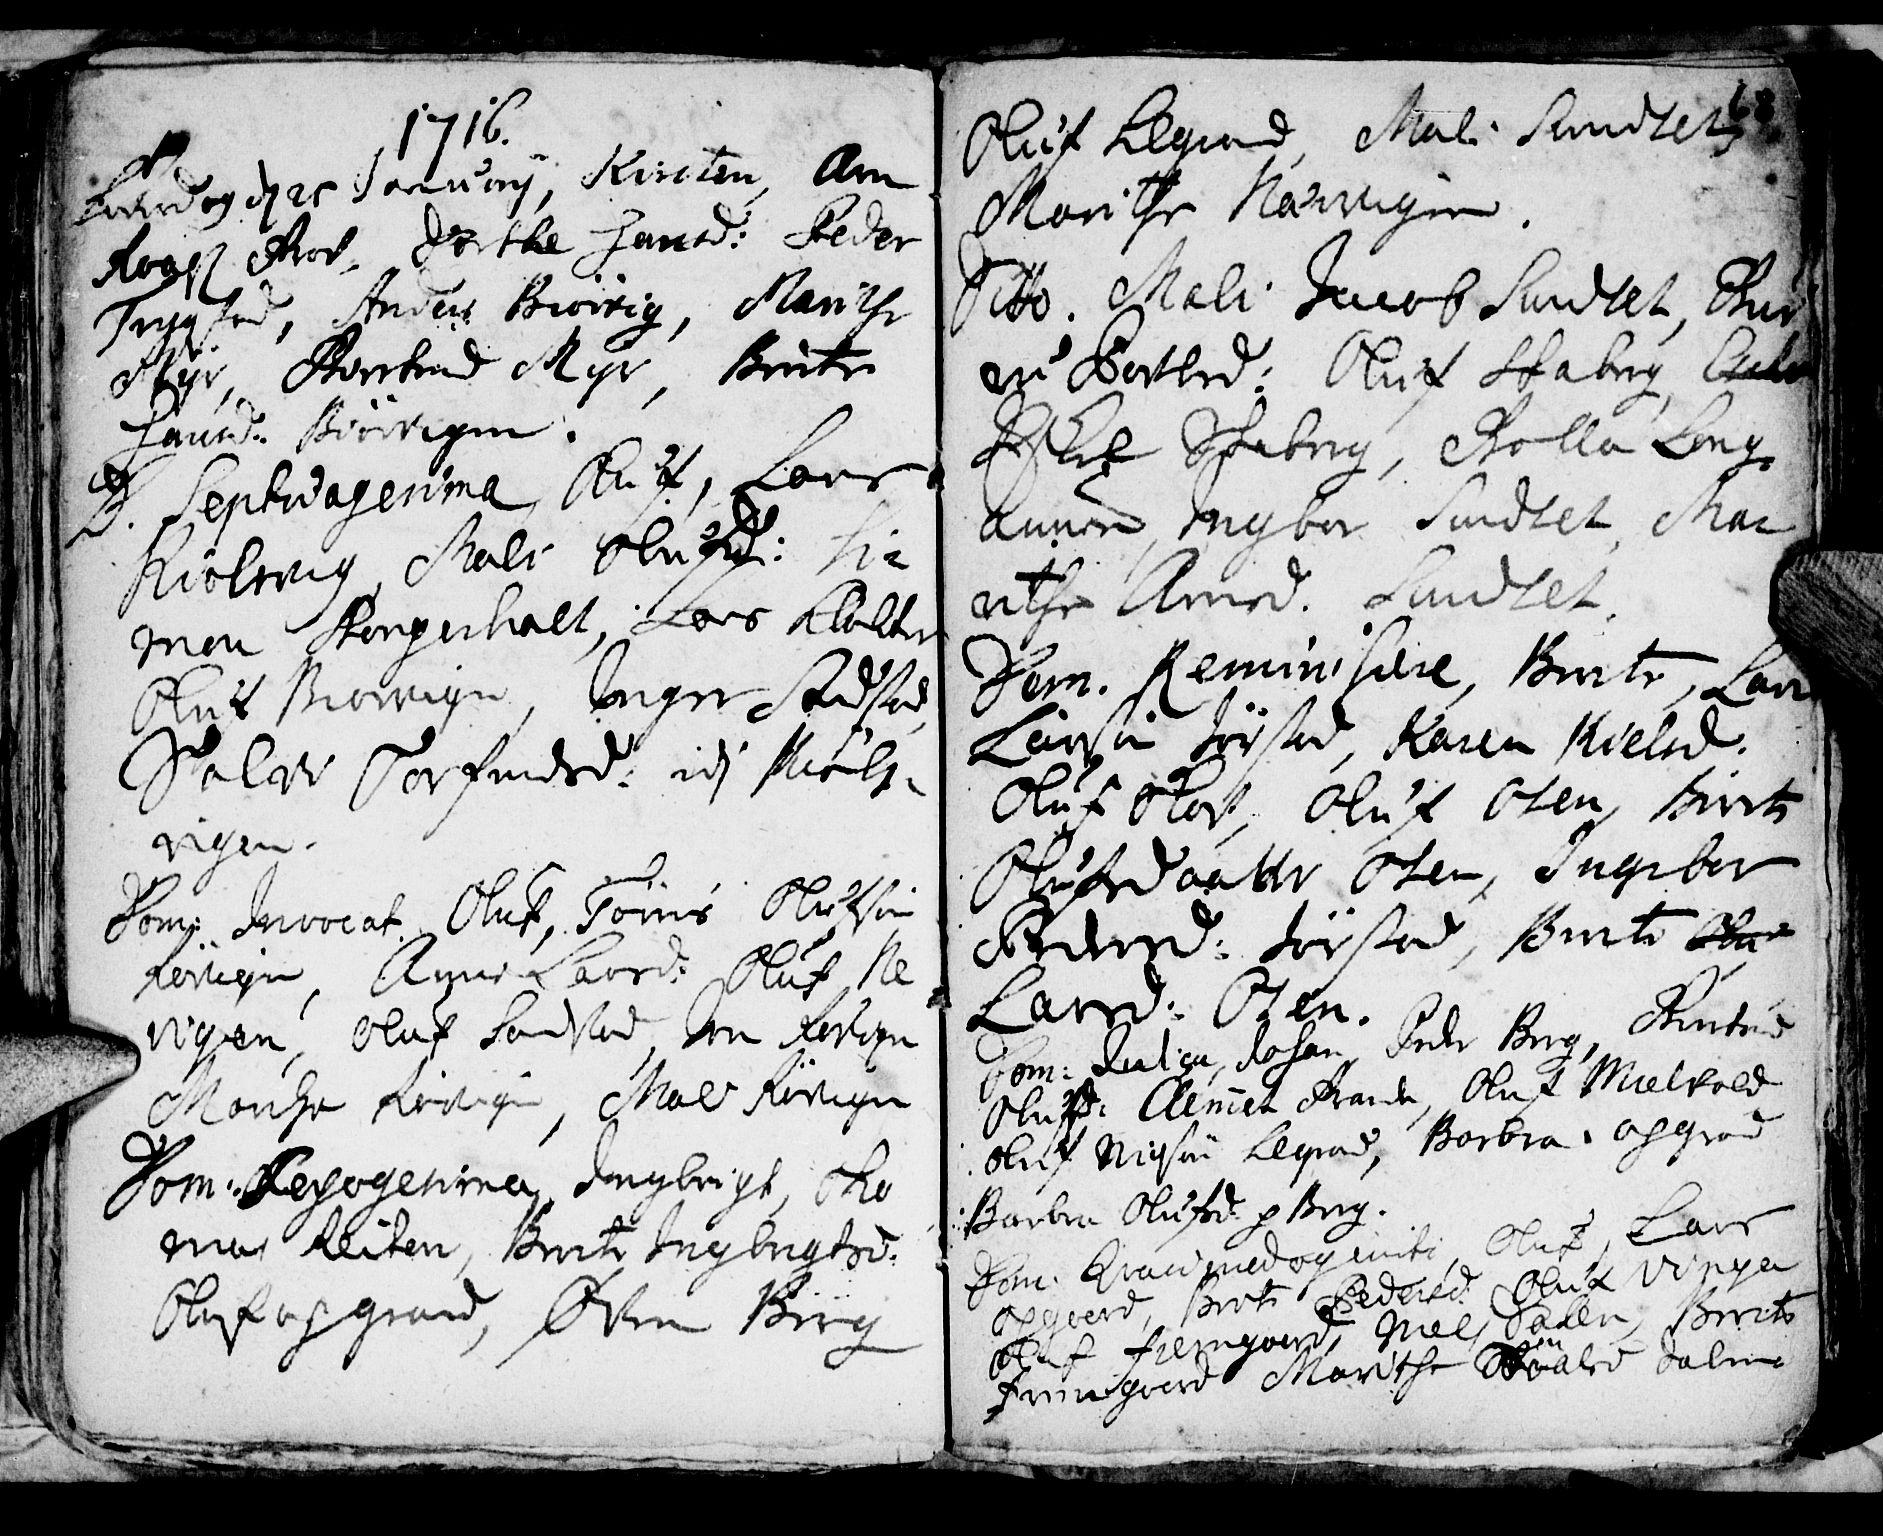 SAT, Ministerialprotokoller, klokkerbøker og fødselsregistre - Nord-Trøndelag, 722/L0214: Ministerialbok nr. 722A01, 1692-1718, s. 68